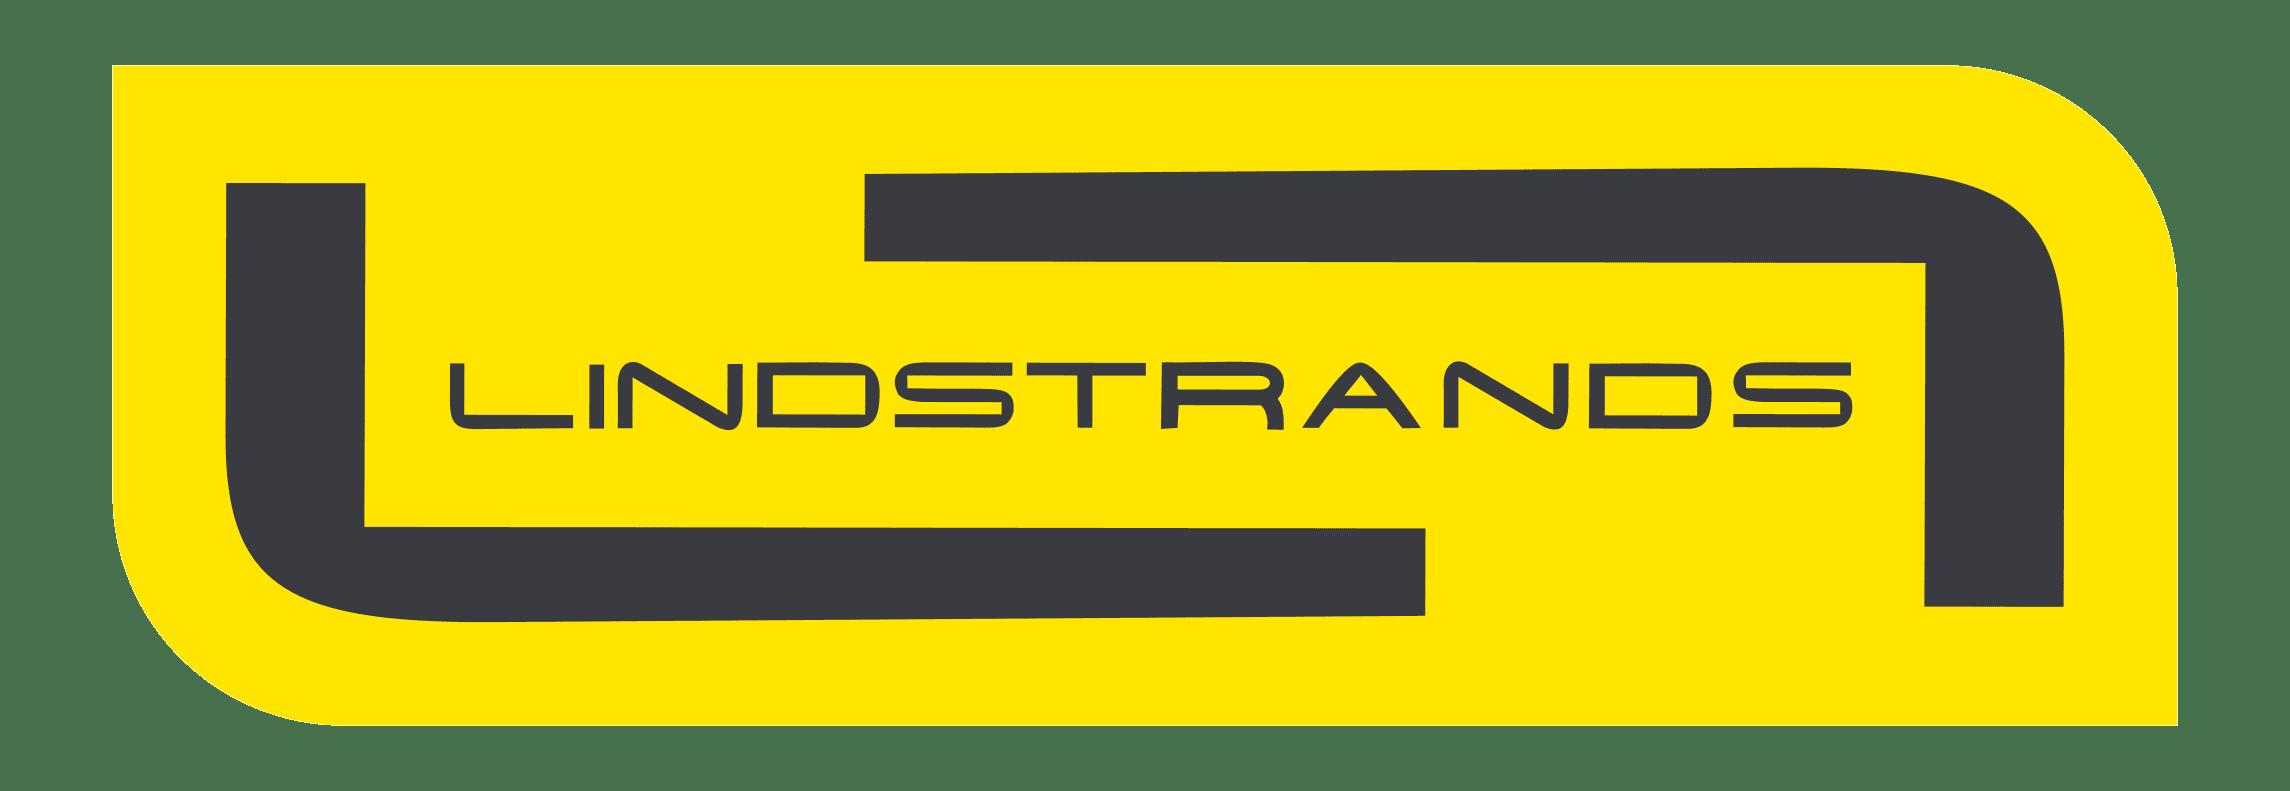 lindstrands_logo_rgb